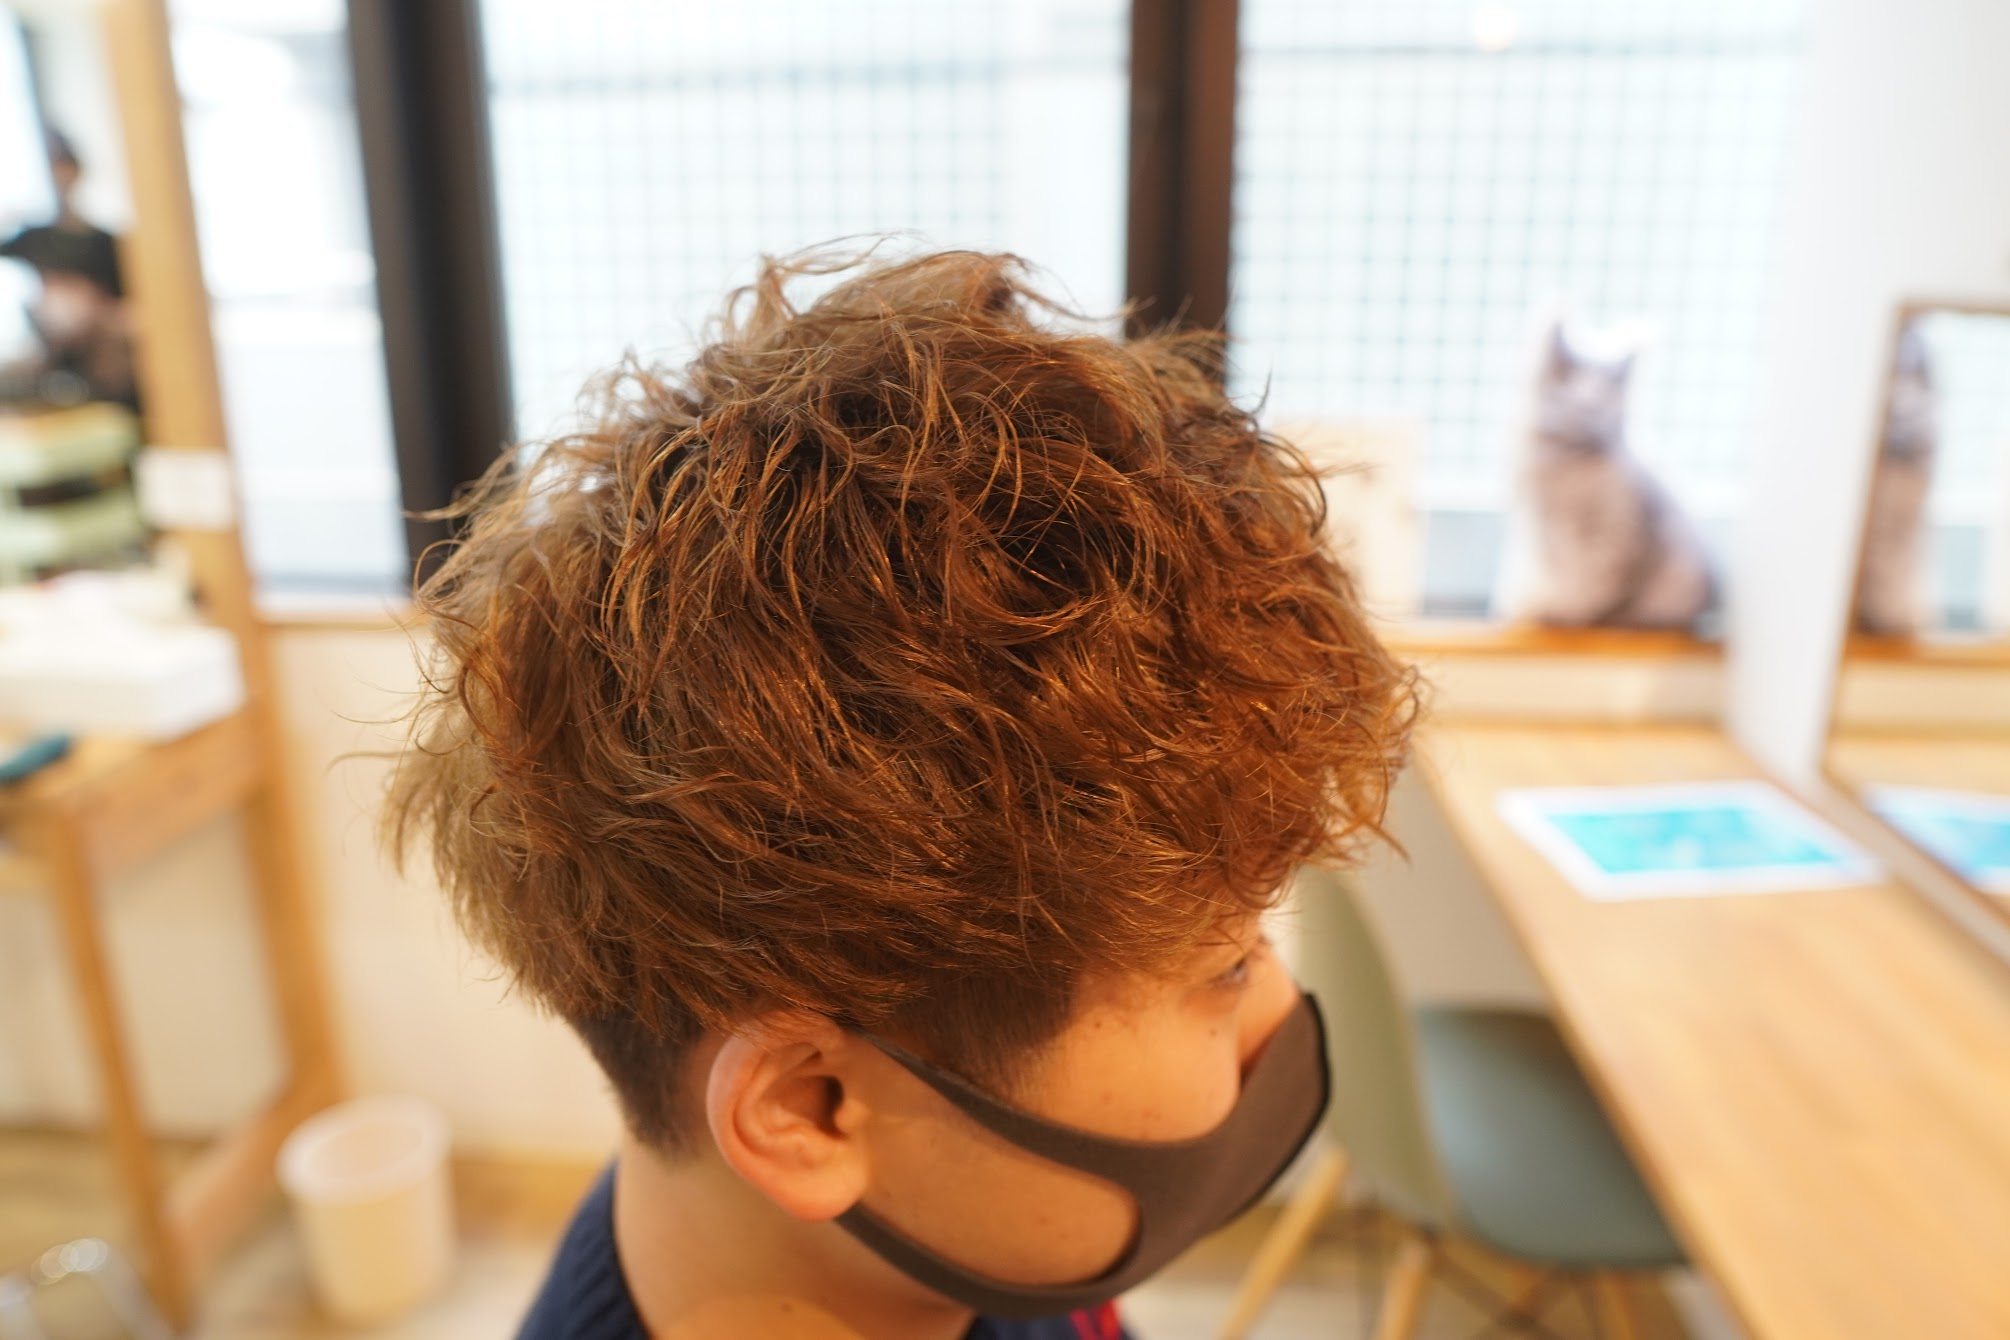 三宮美容室 神戸美容室 メンズパーマ メンズカラー 初パーマ 初カラー メンズカット